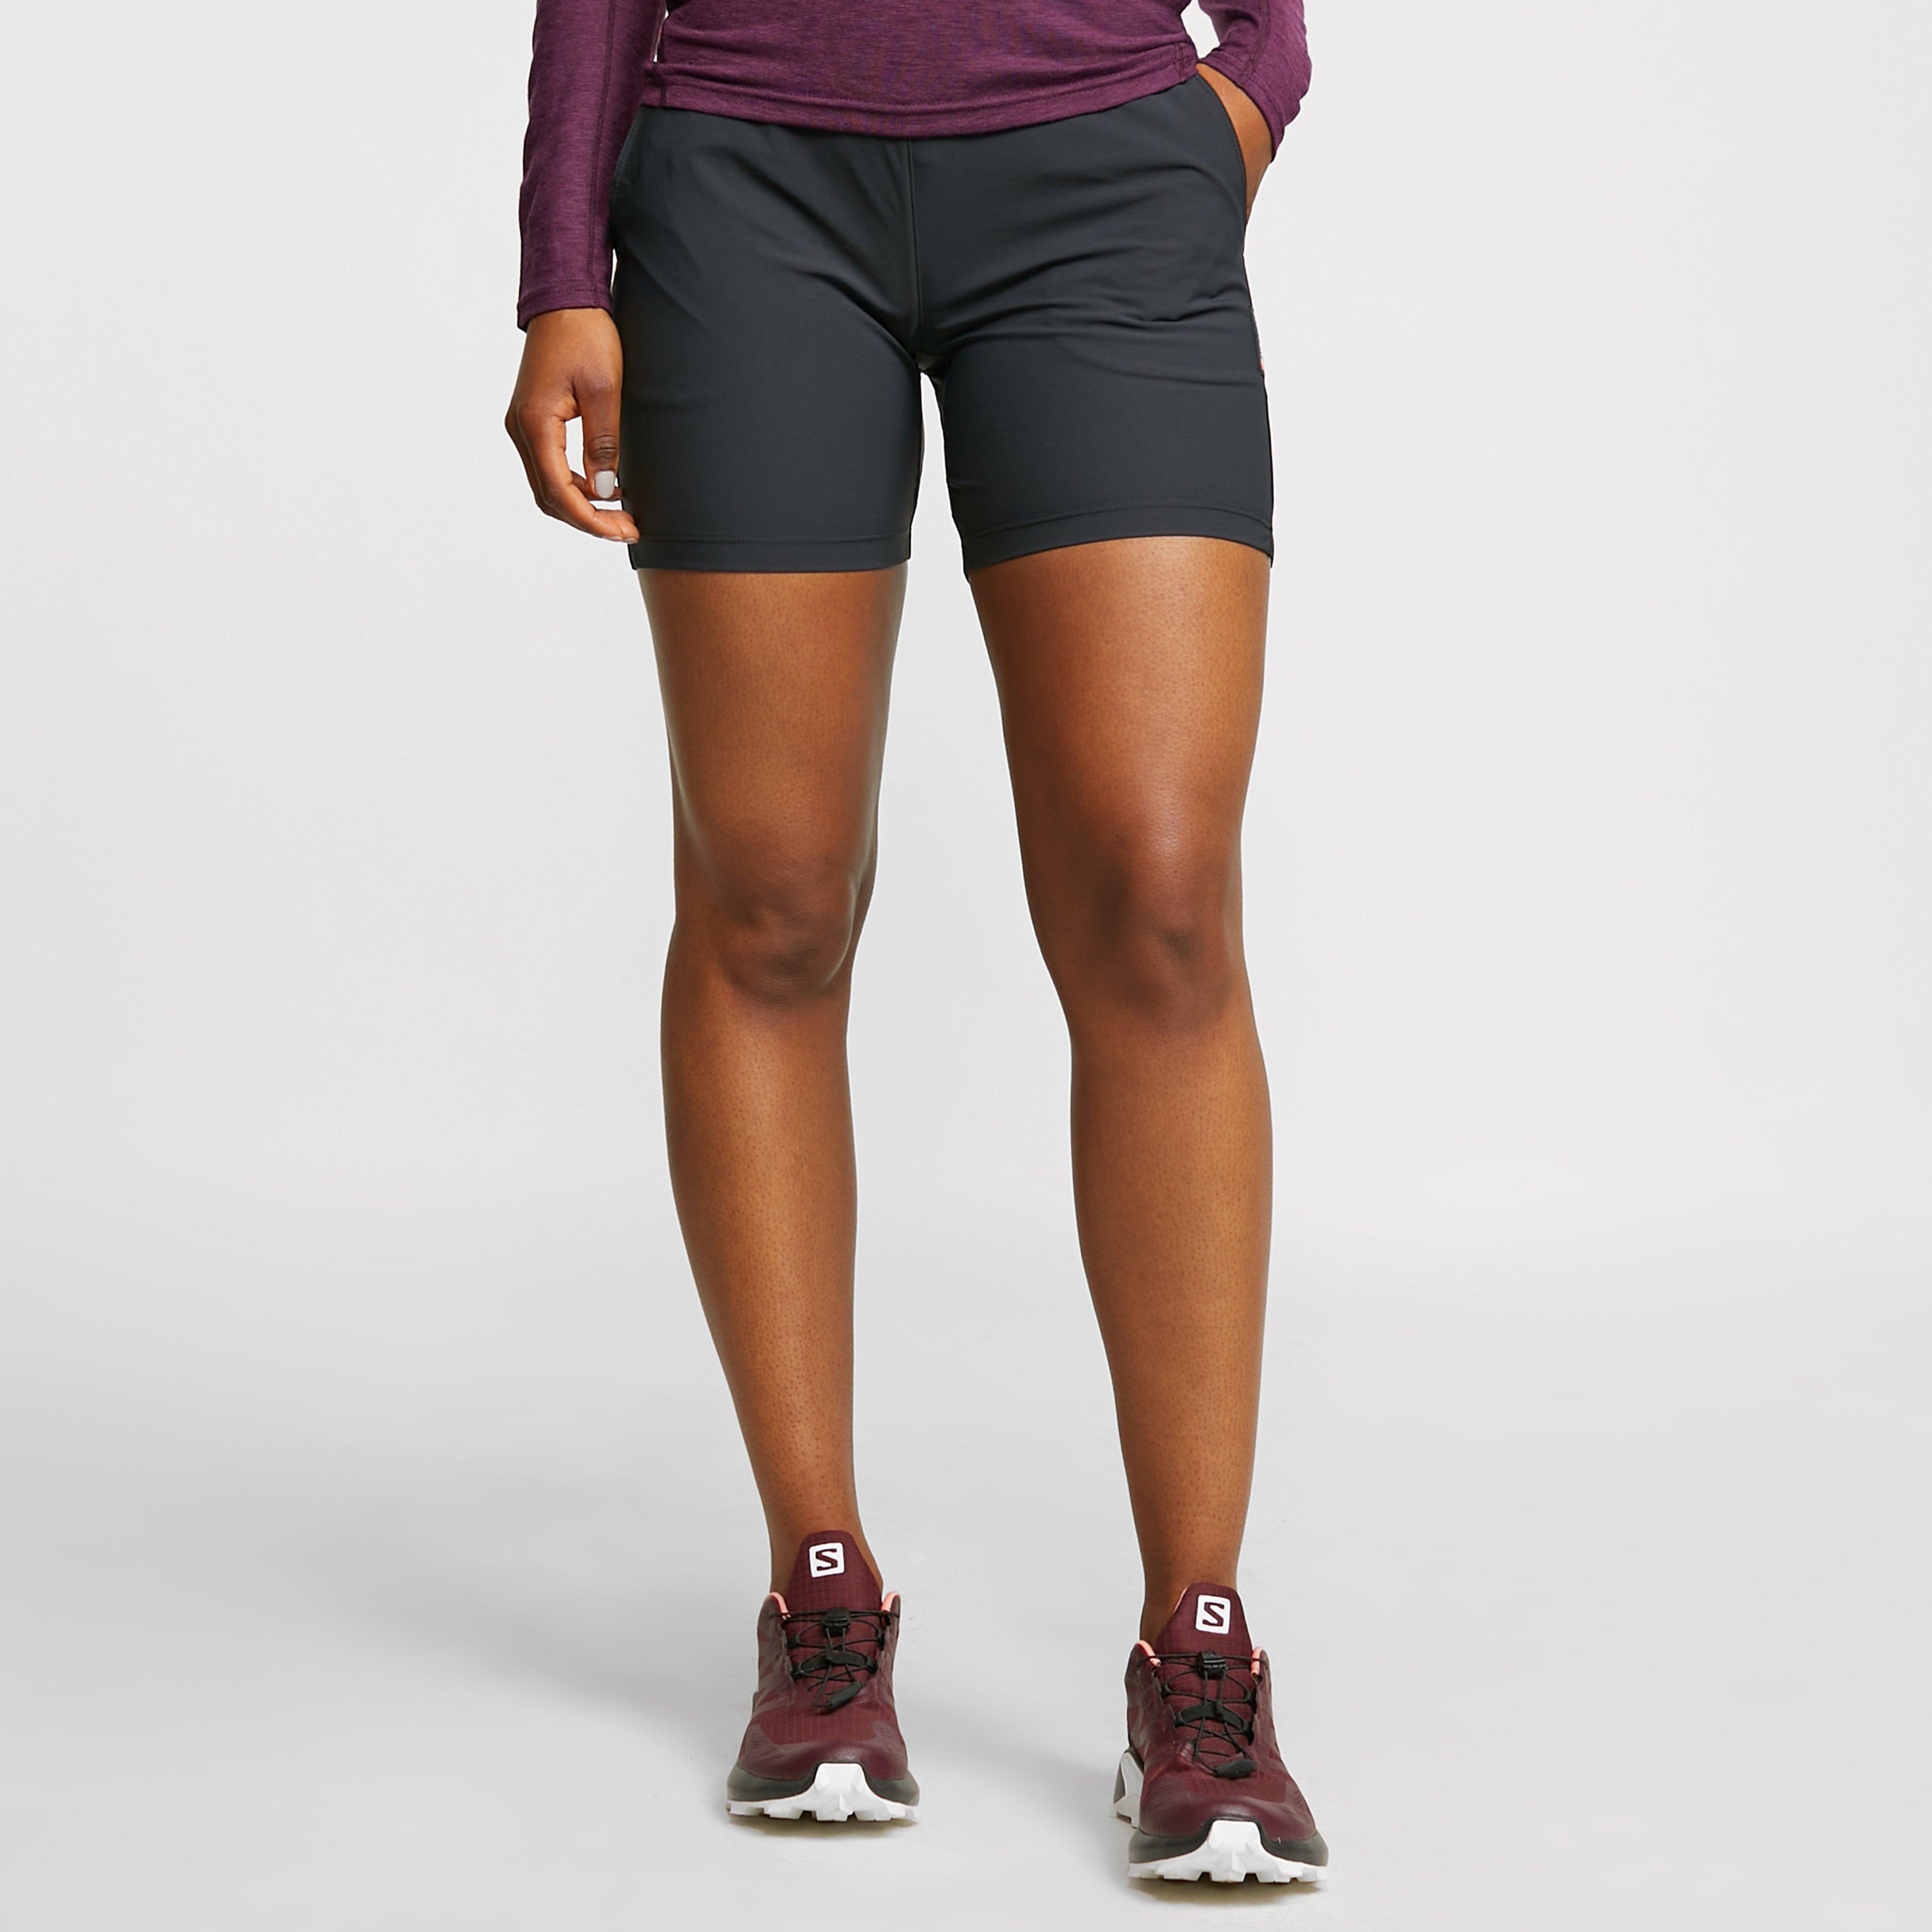 Montane Women's Cygnus Shorts, Black/BLK